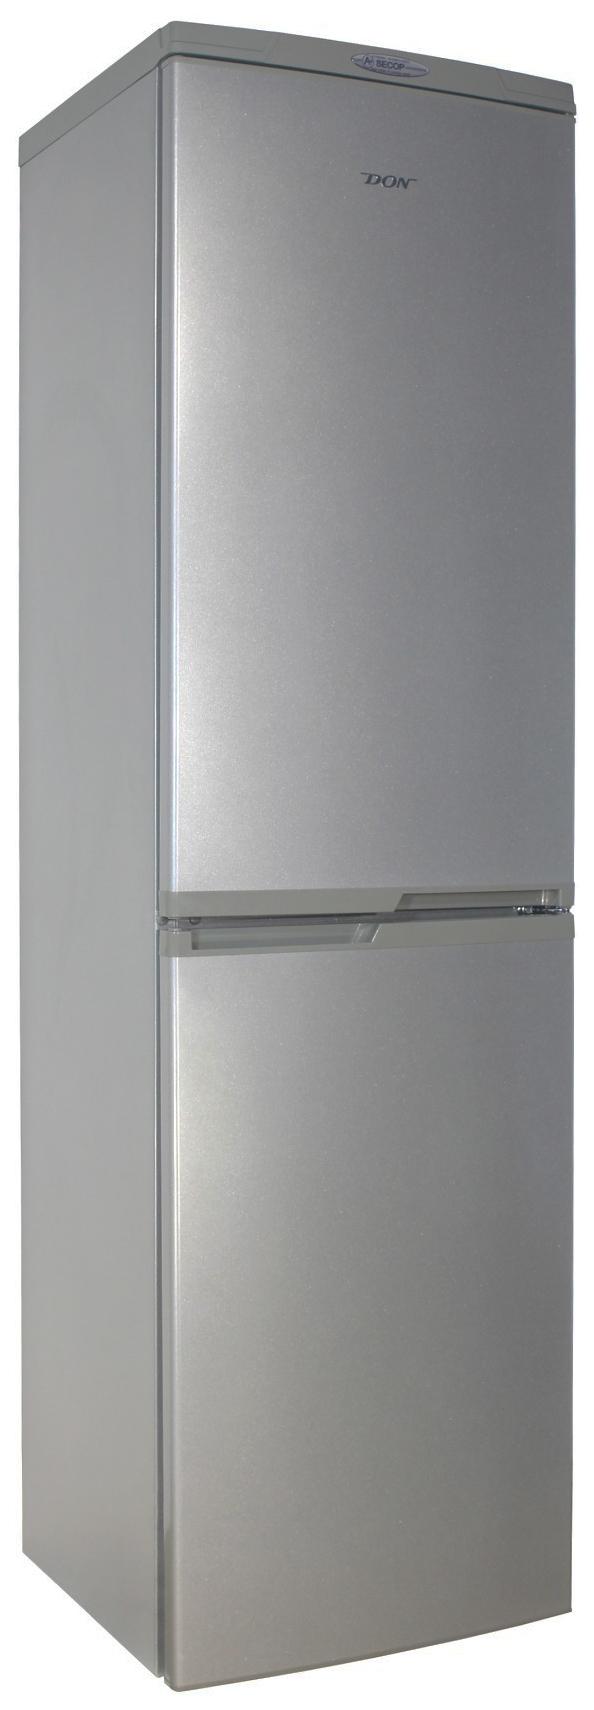 Холодильник DON R 297 NG Silver